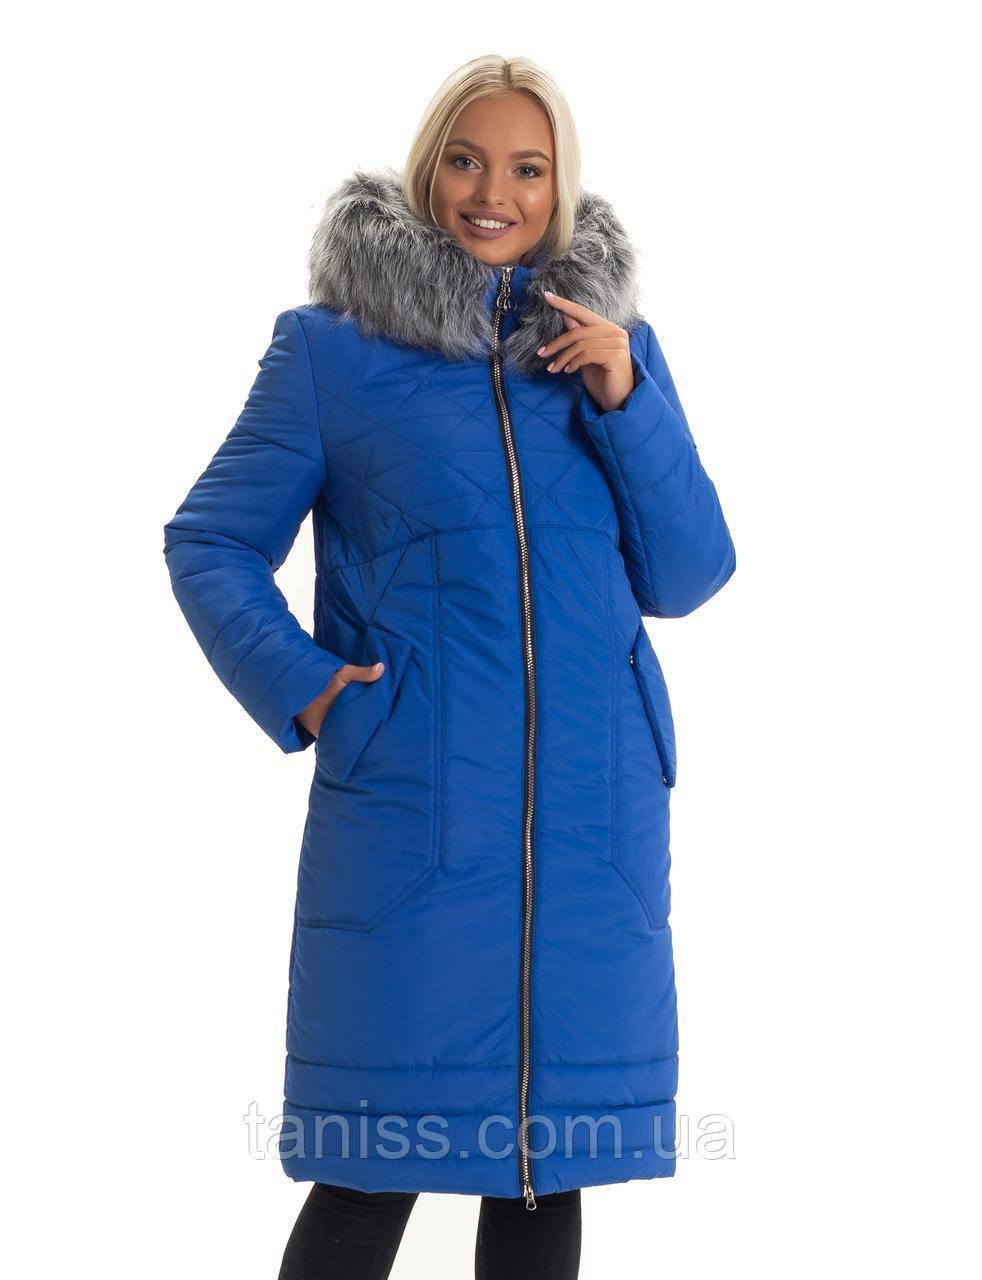 Зимний, женский пуховик большого размера,мех искусственный  Размеры 44. 46. 48. 50. 52. 56.58 электрик